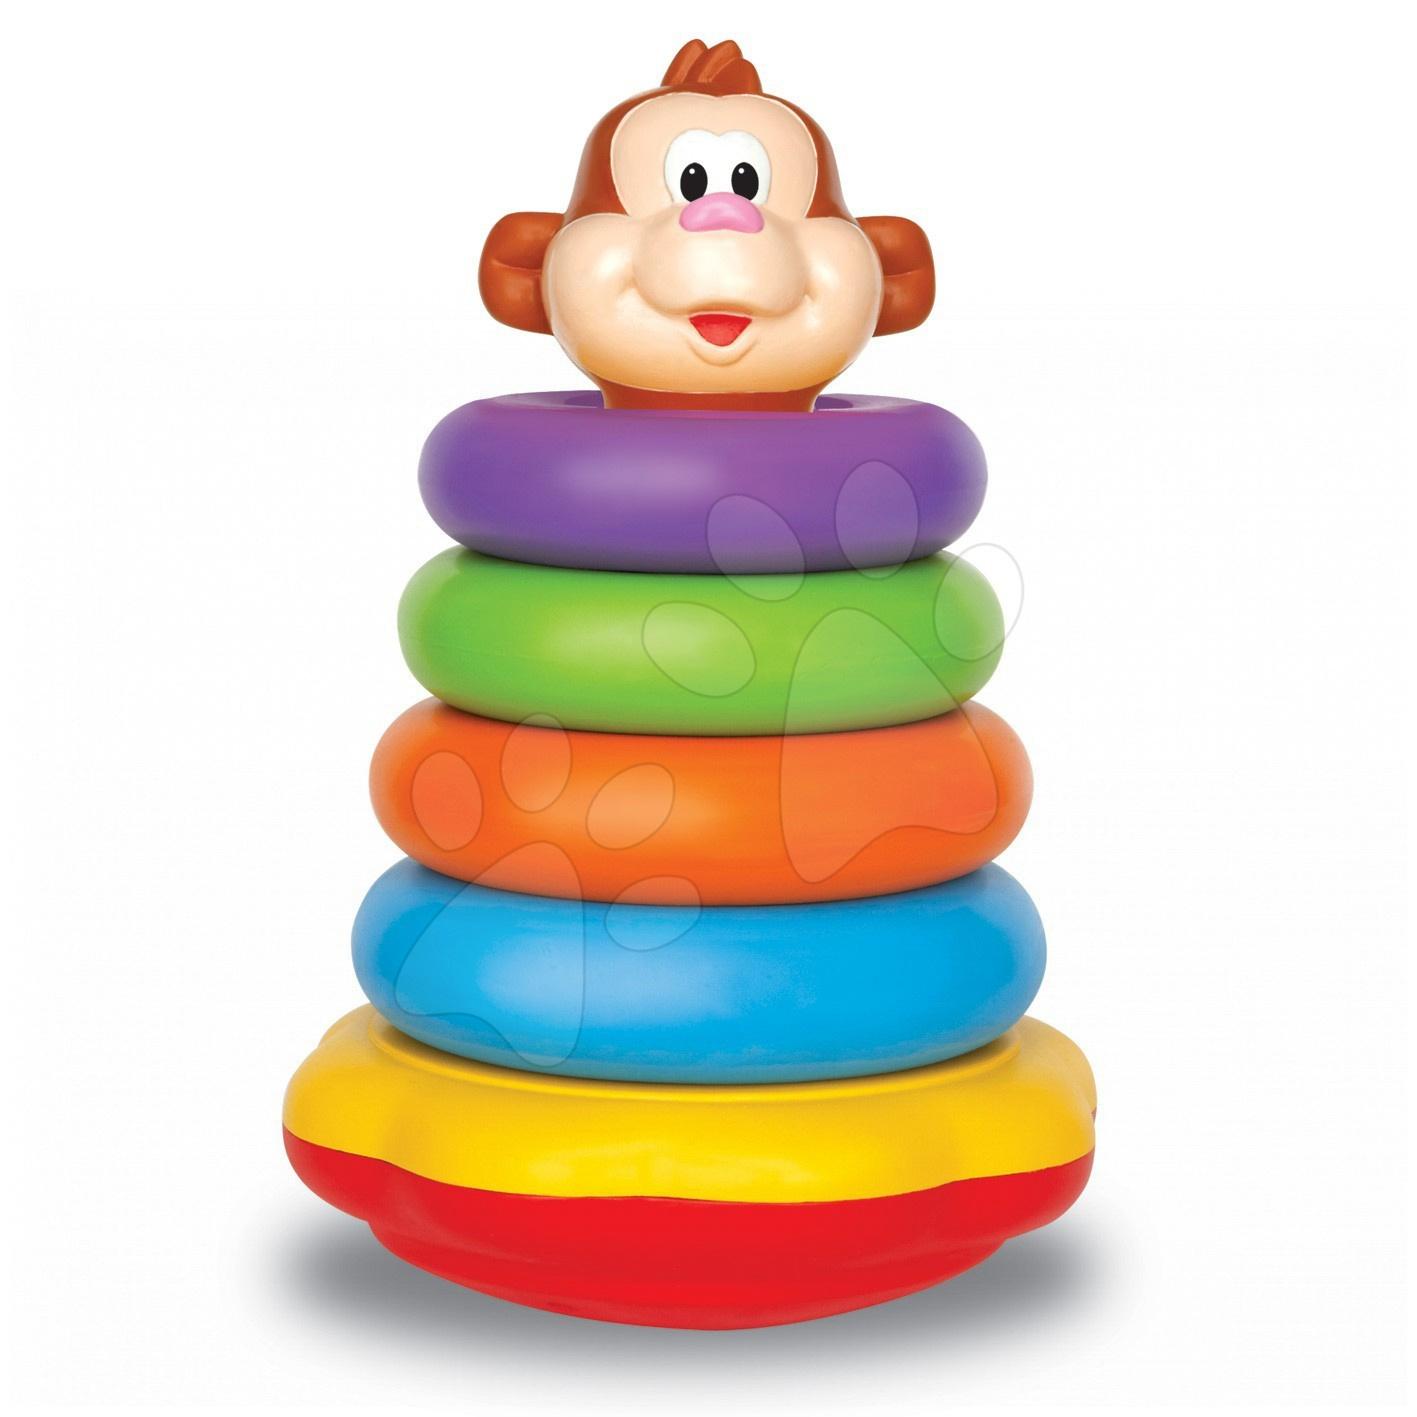 Activity zábavná opička Kiddieland s kroužky s funkcemi, od 12 měsíců